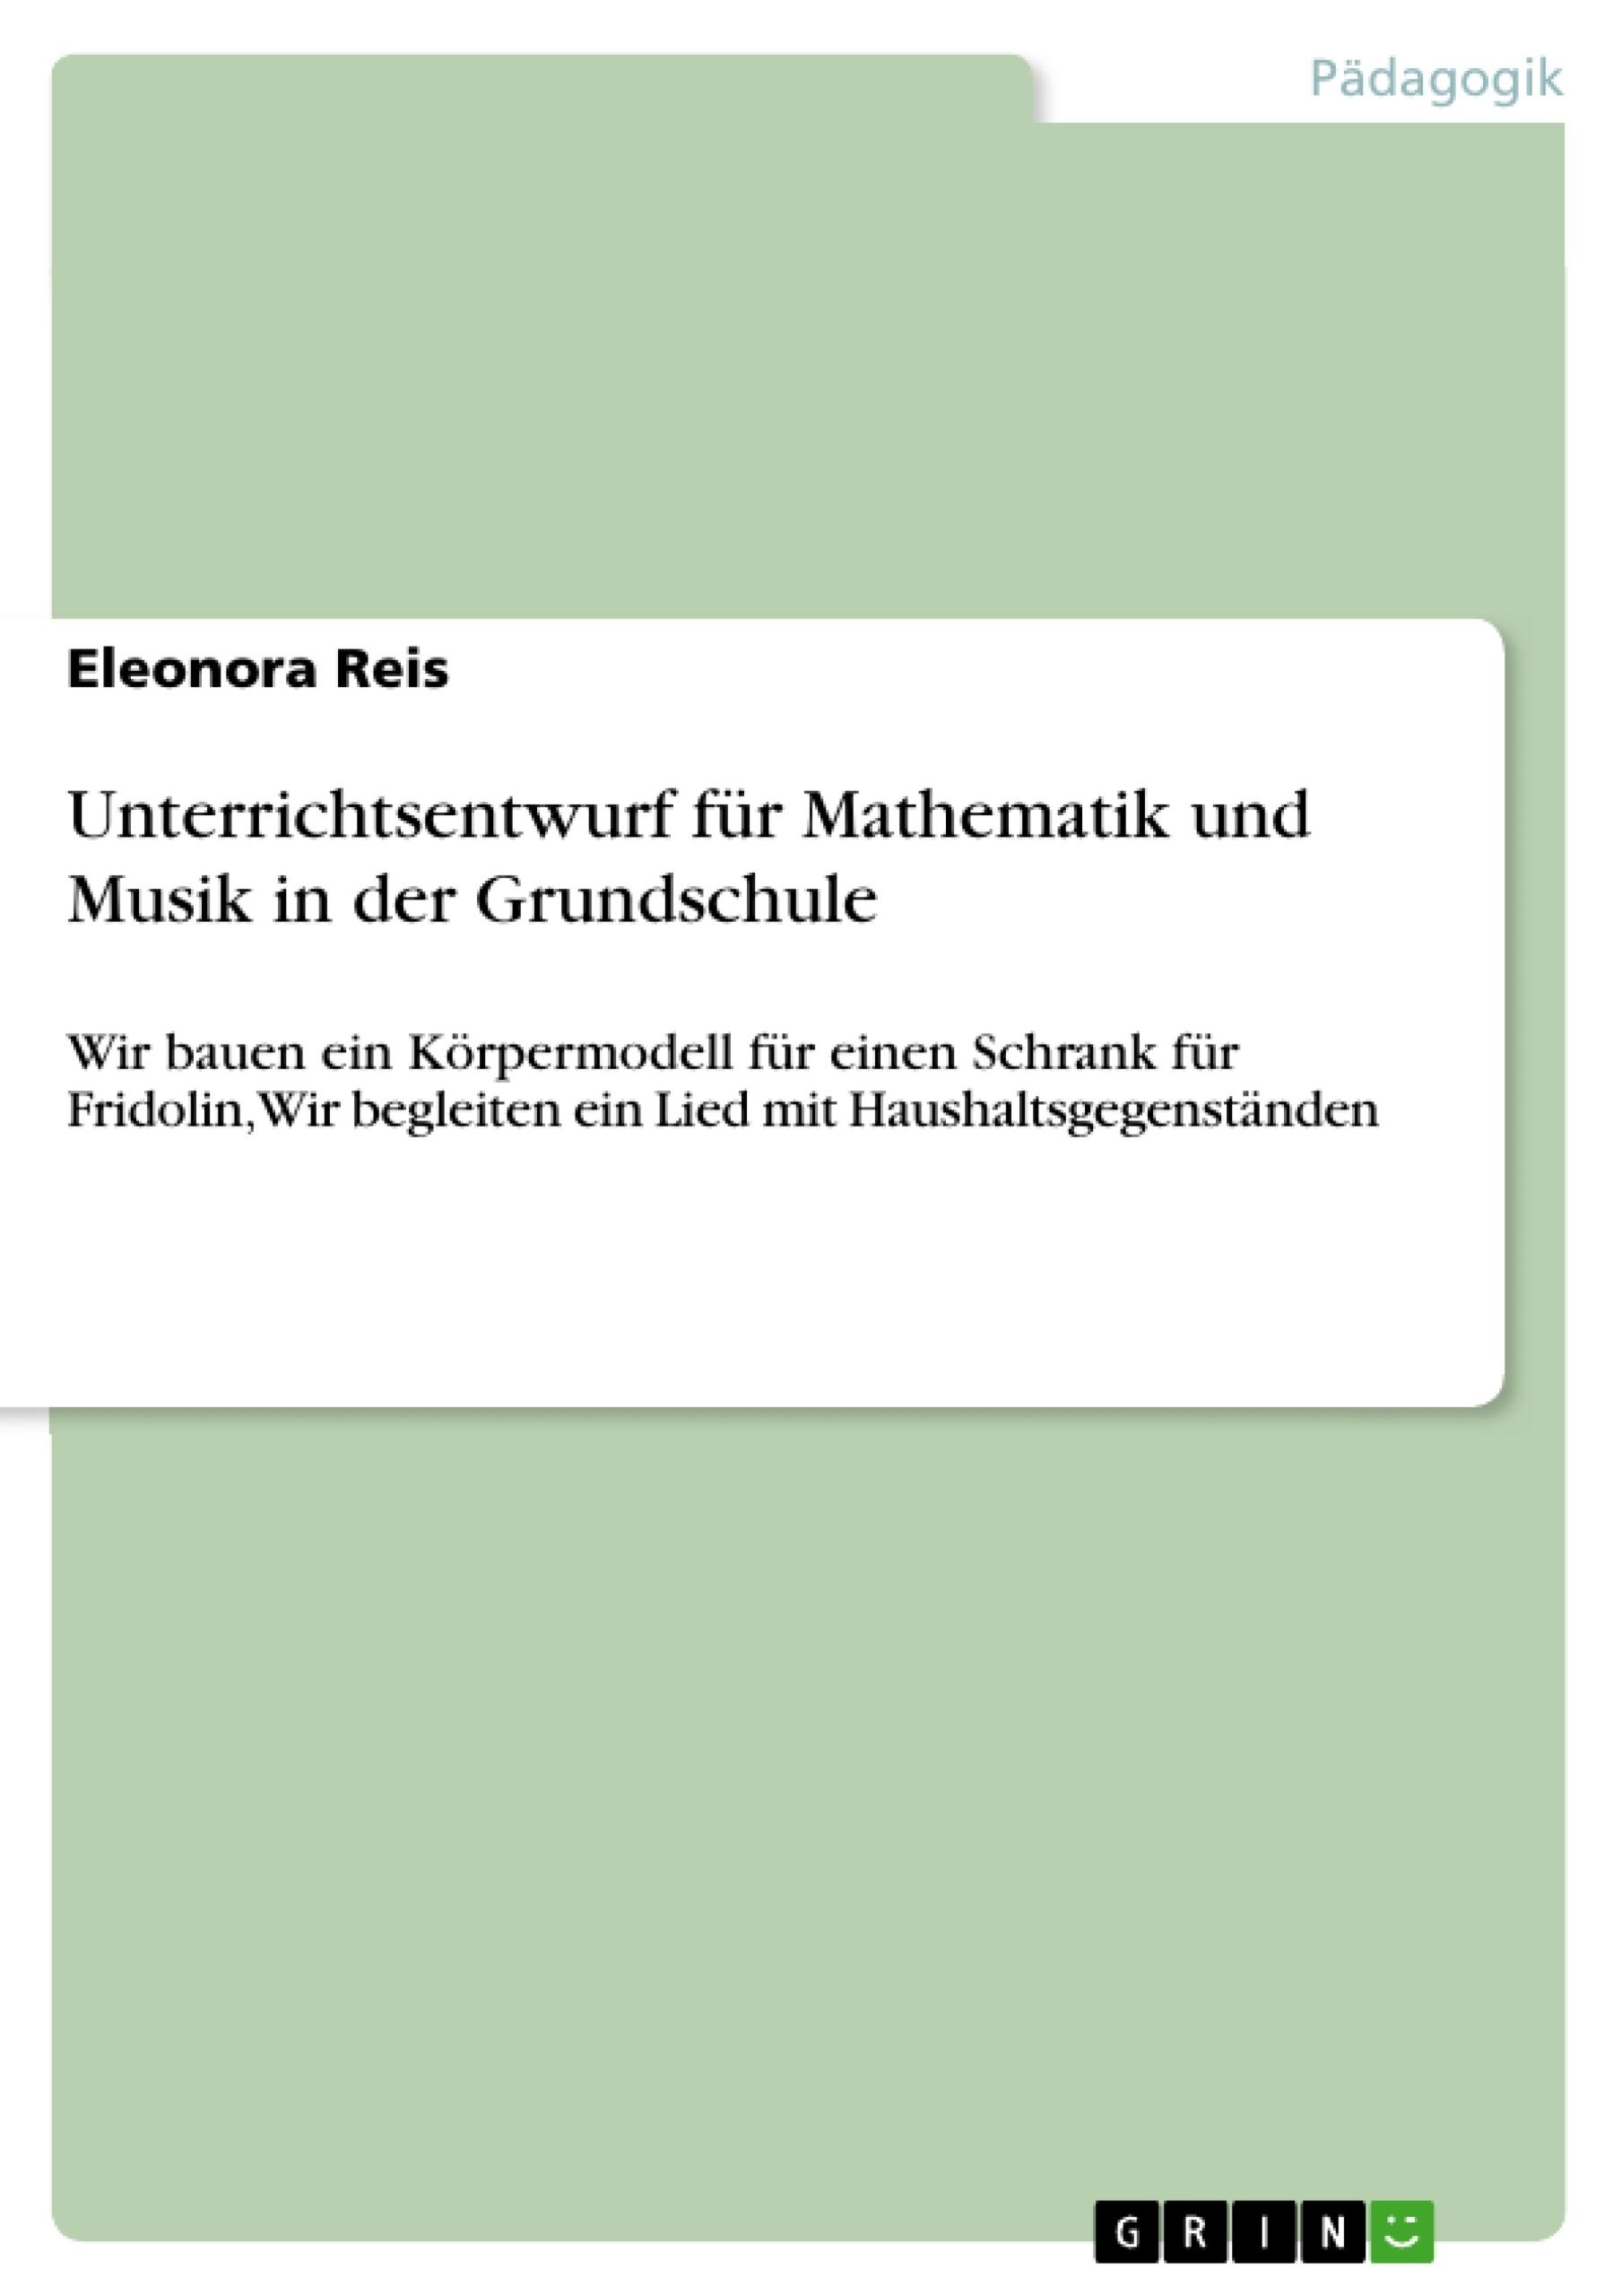 Titel: Unterrichtsentwurf für Mathematik und Musik in der Grundschule